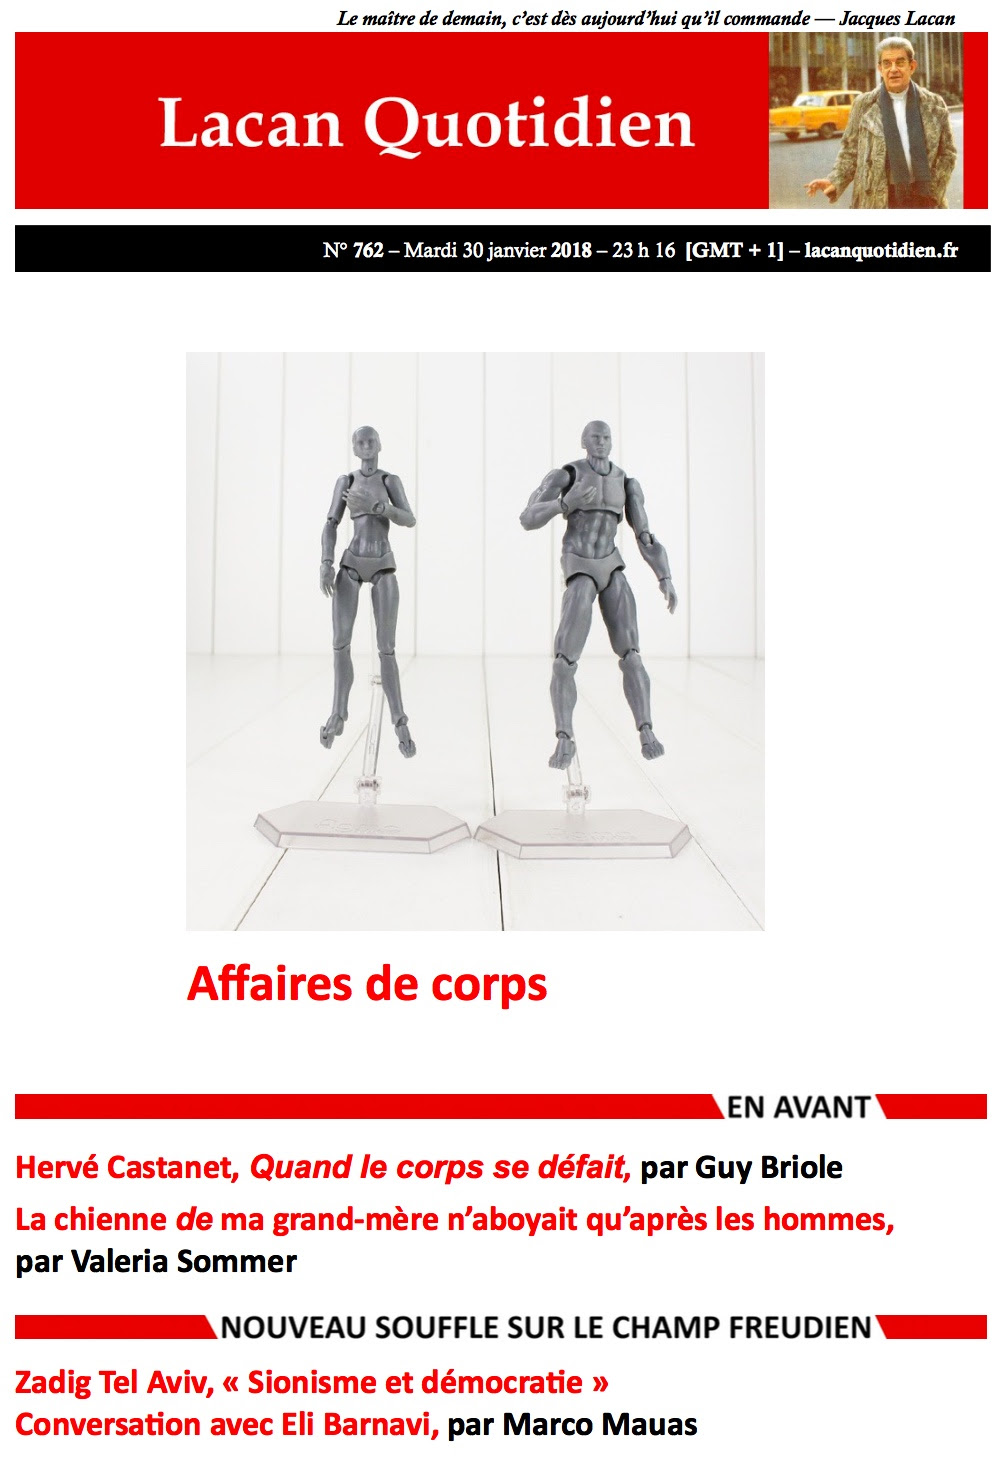 https://www.lacanquotidien.fr/blog/wp-content/uploads/2018/01/LQ-762.pdf